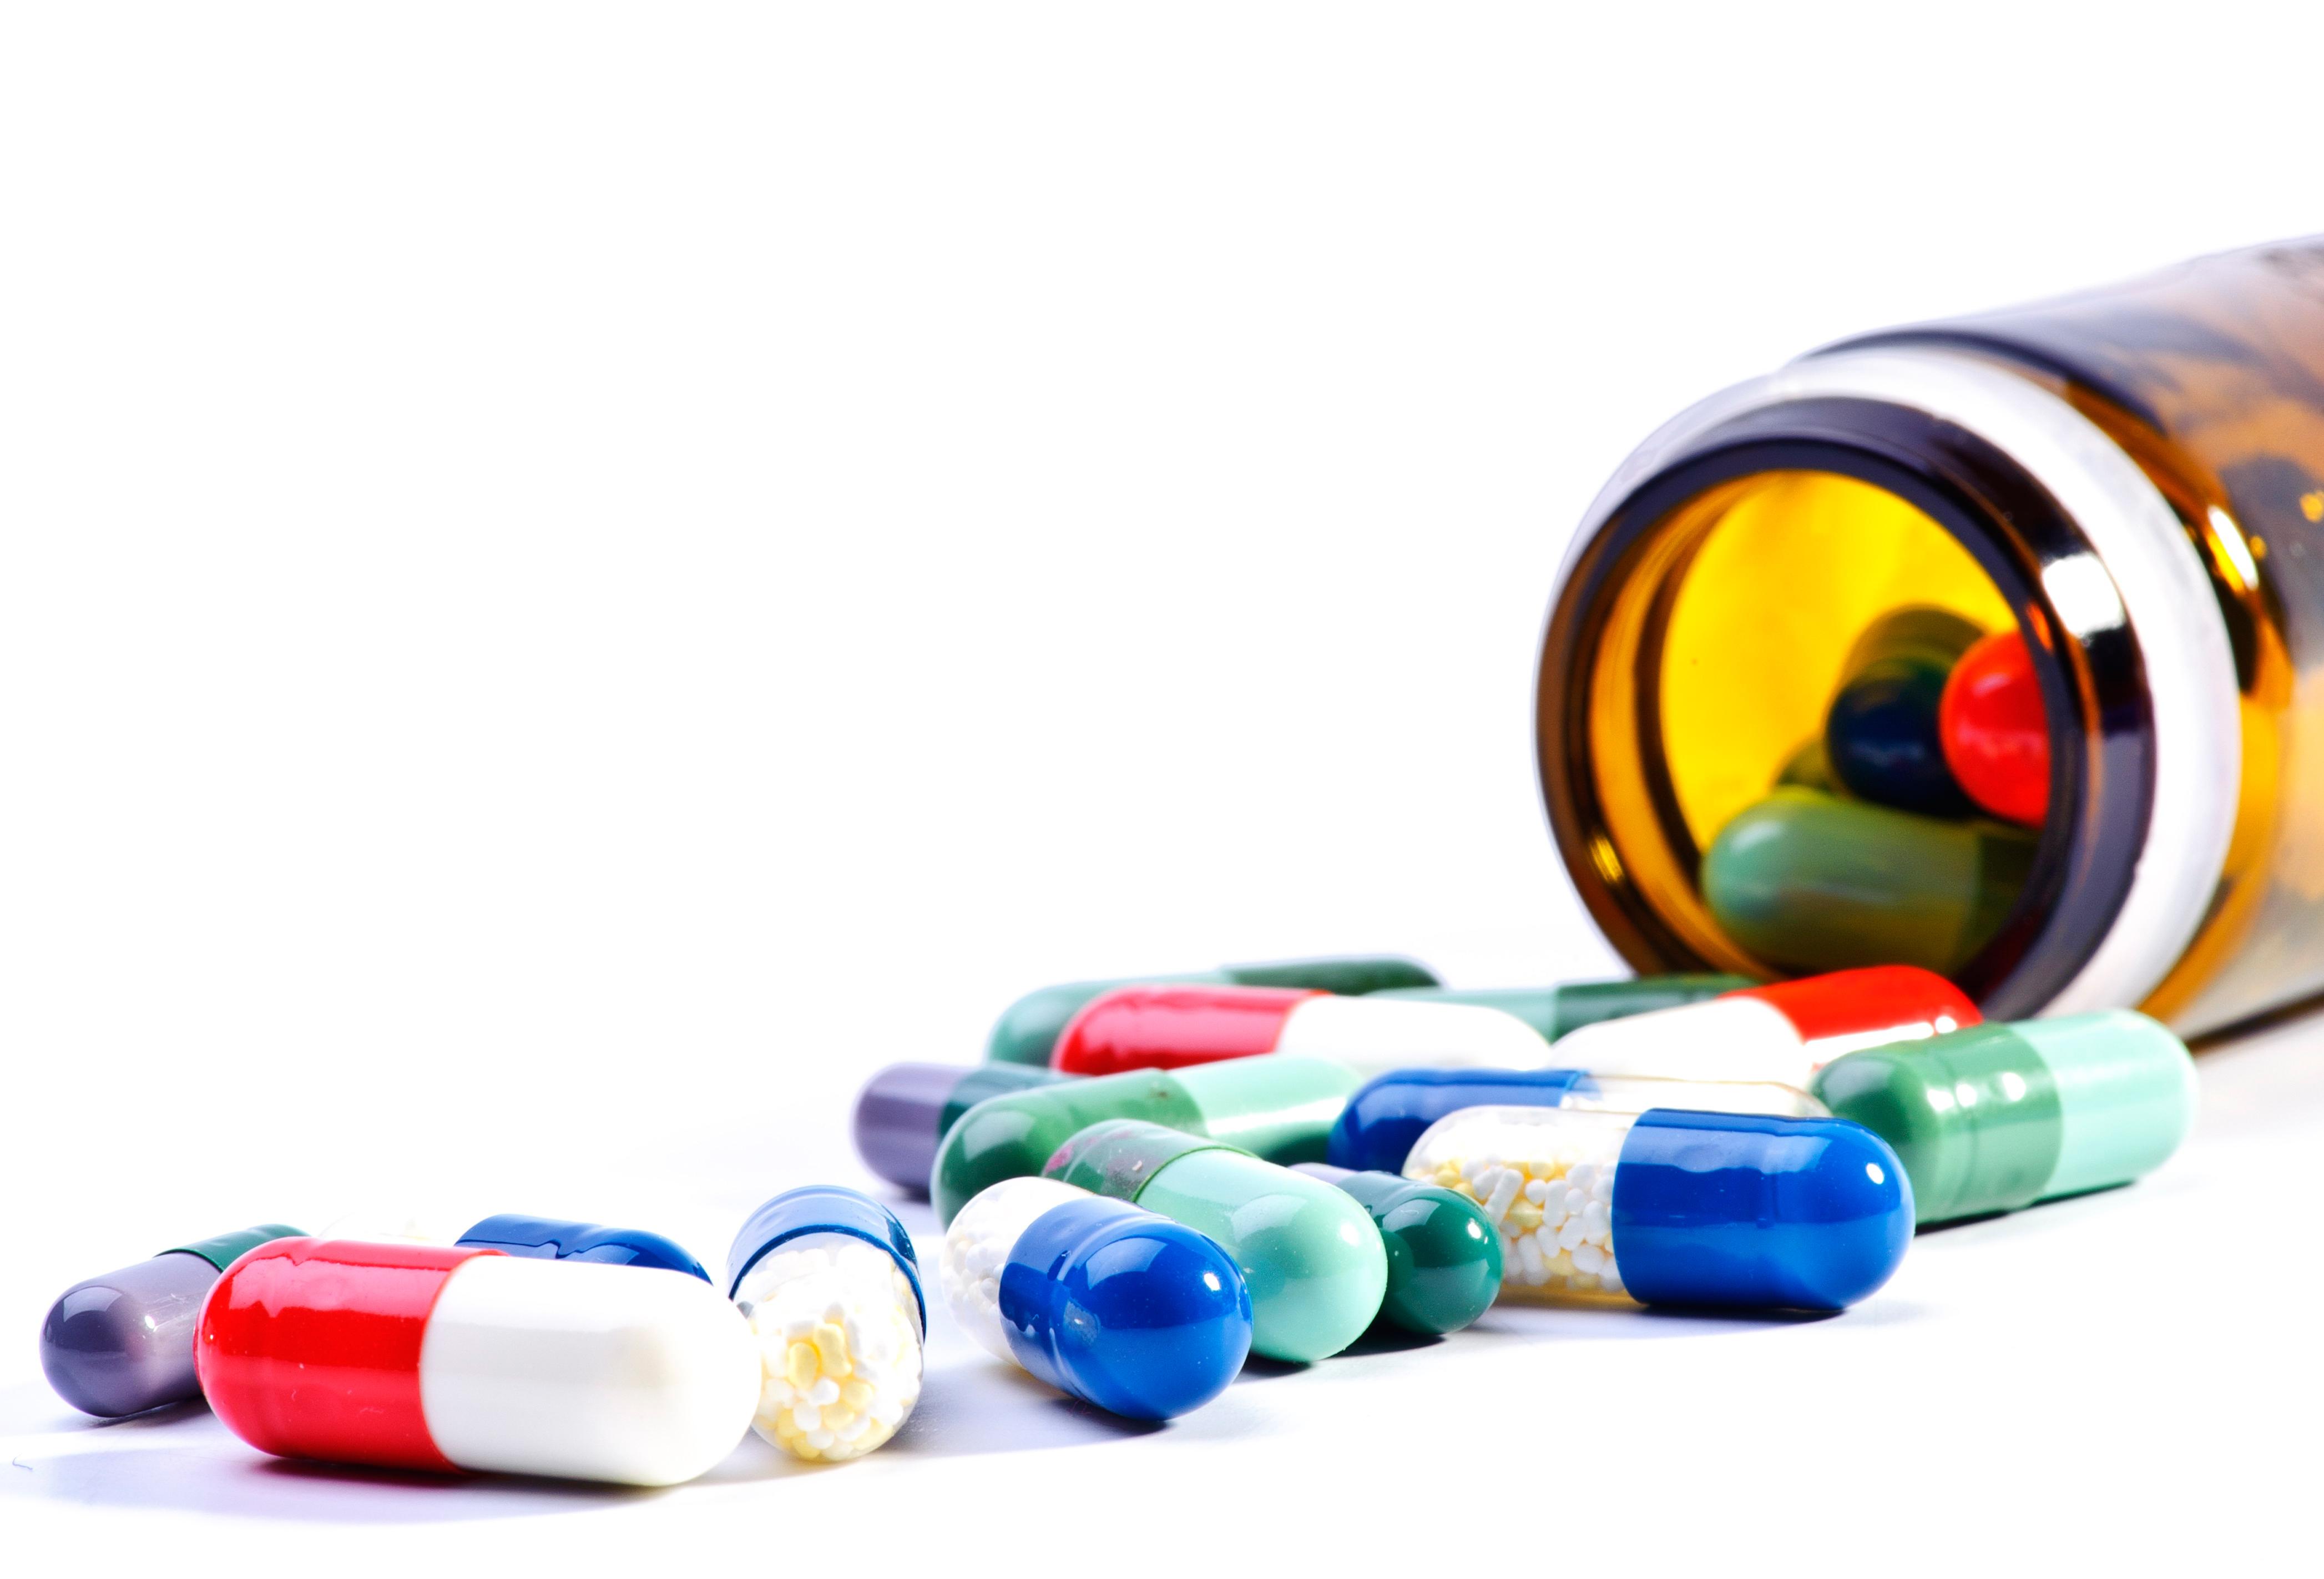 axxess pharma